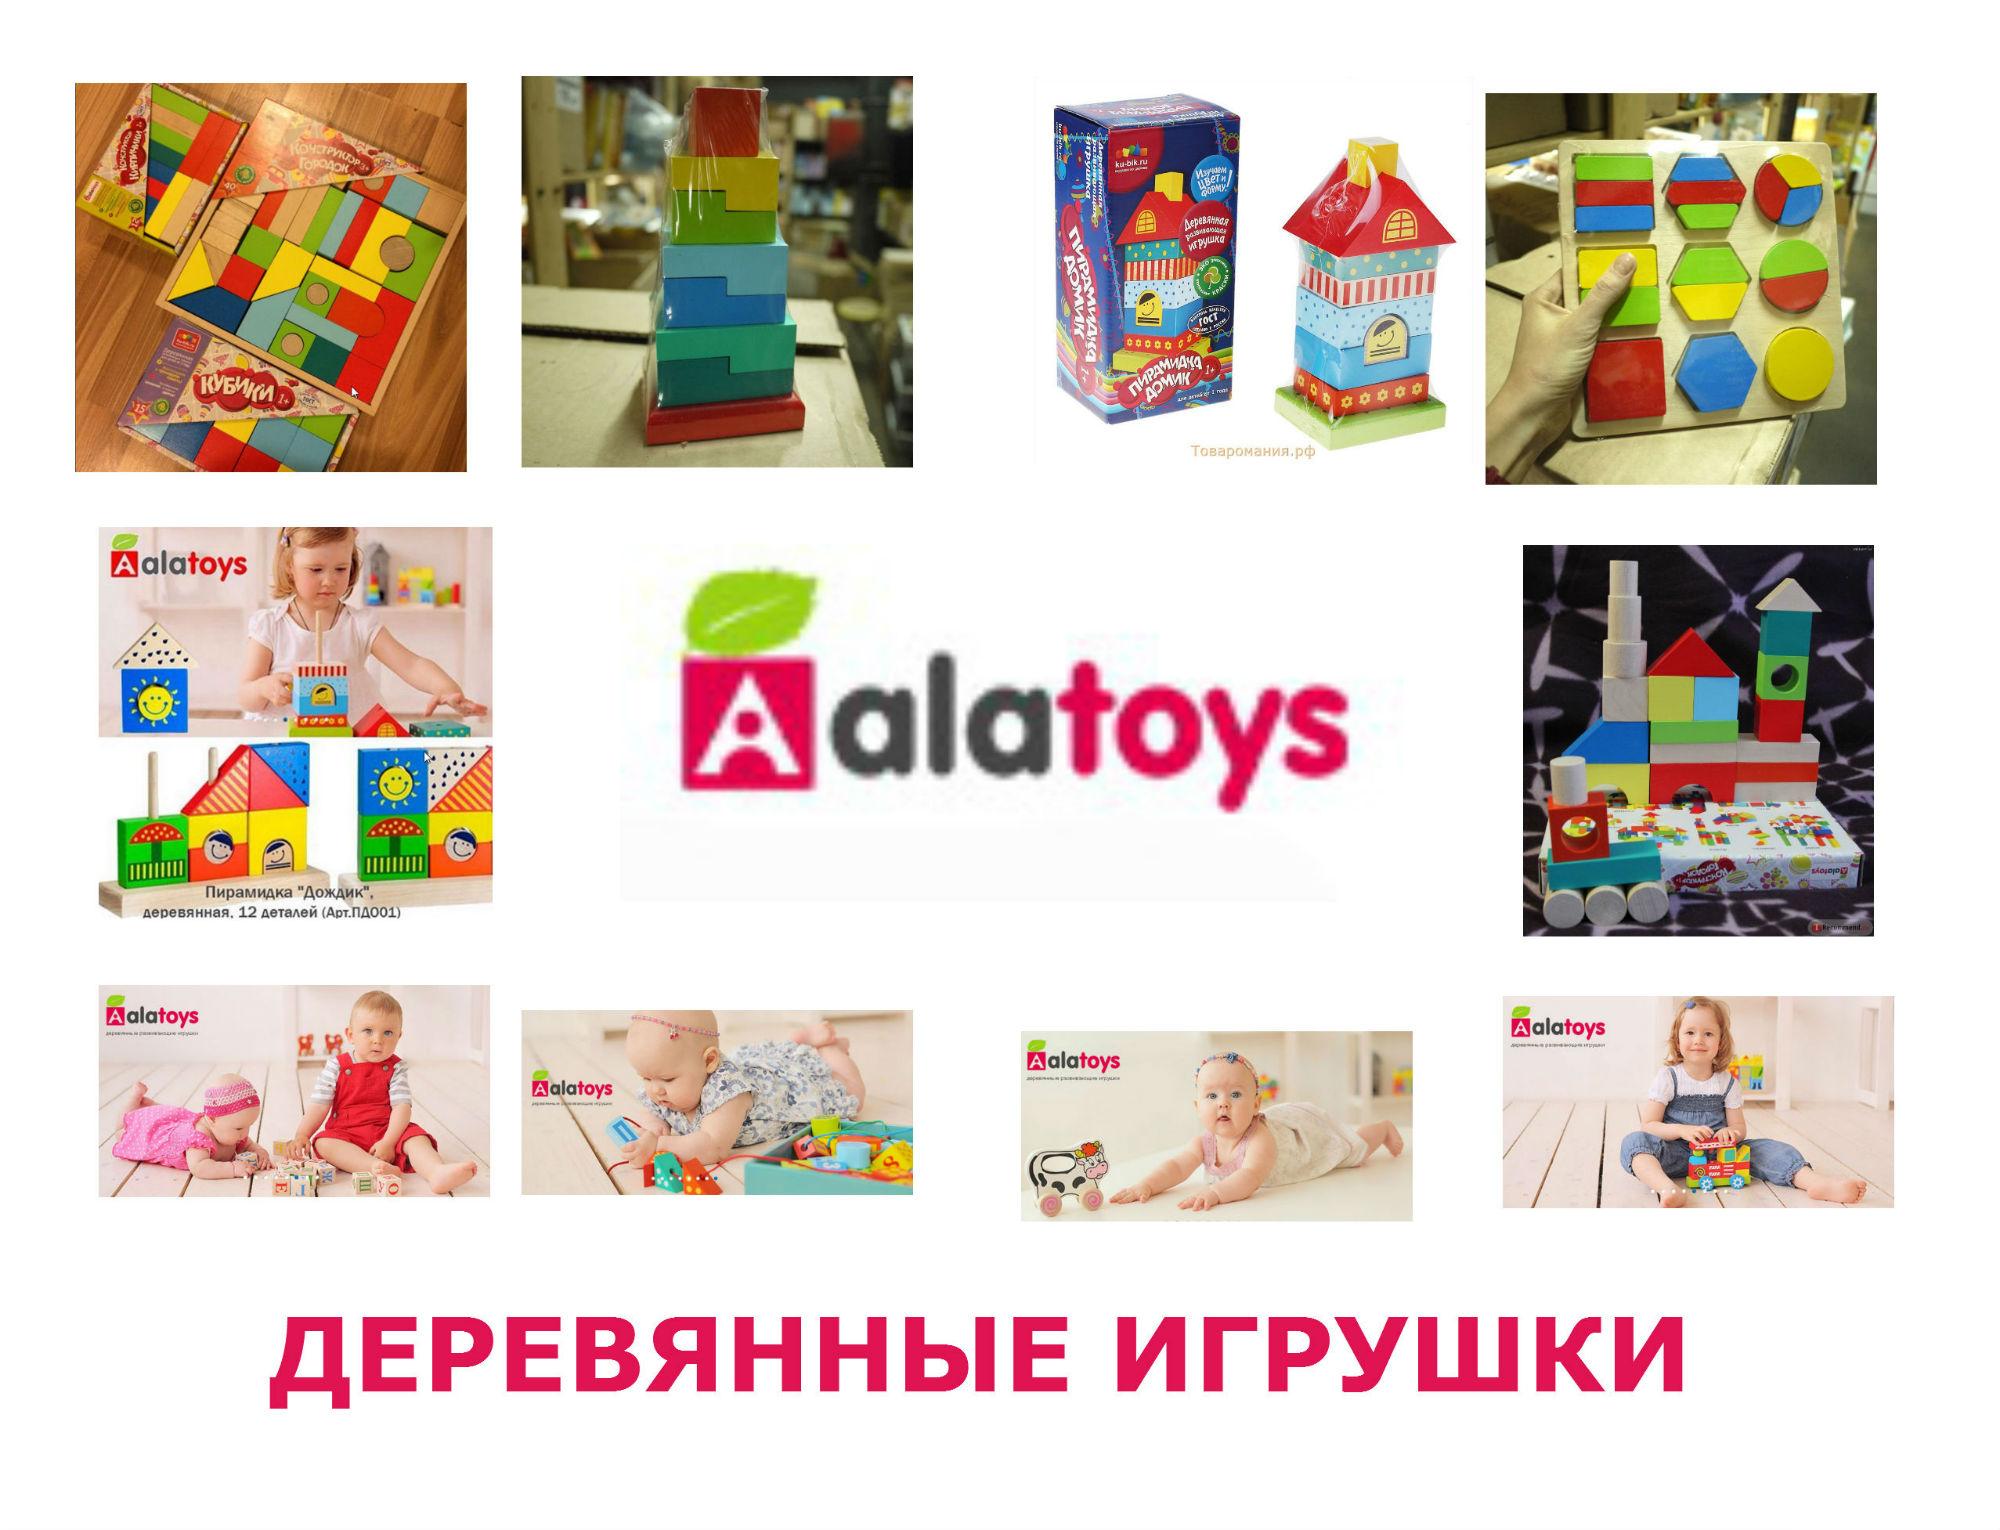 Сбор заказов. Алатойс. Деревянные игрушки. Яркие пирамидки, каталки, шнуровки, конструкторы